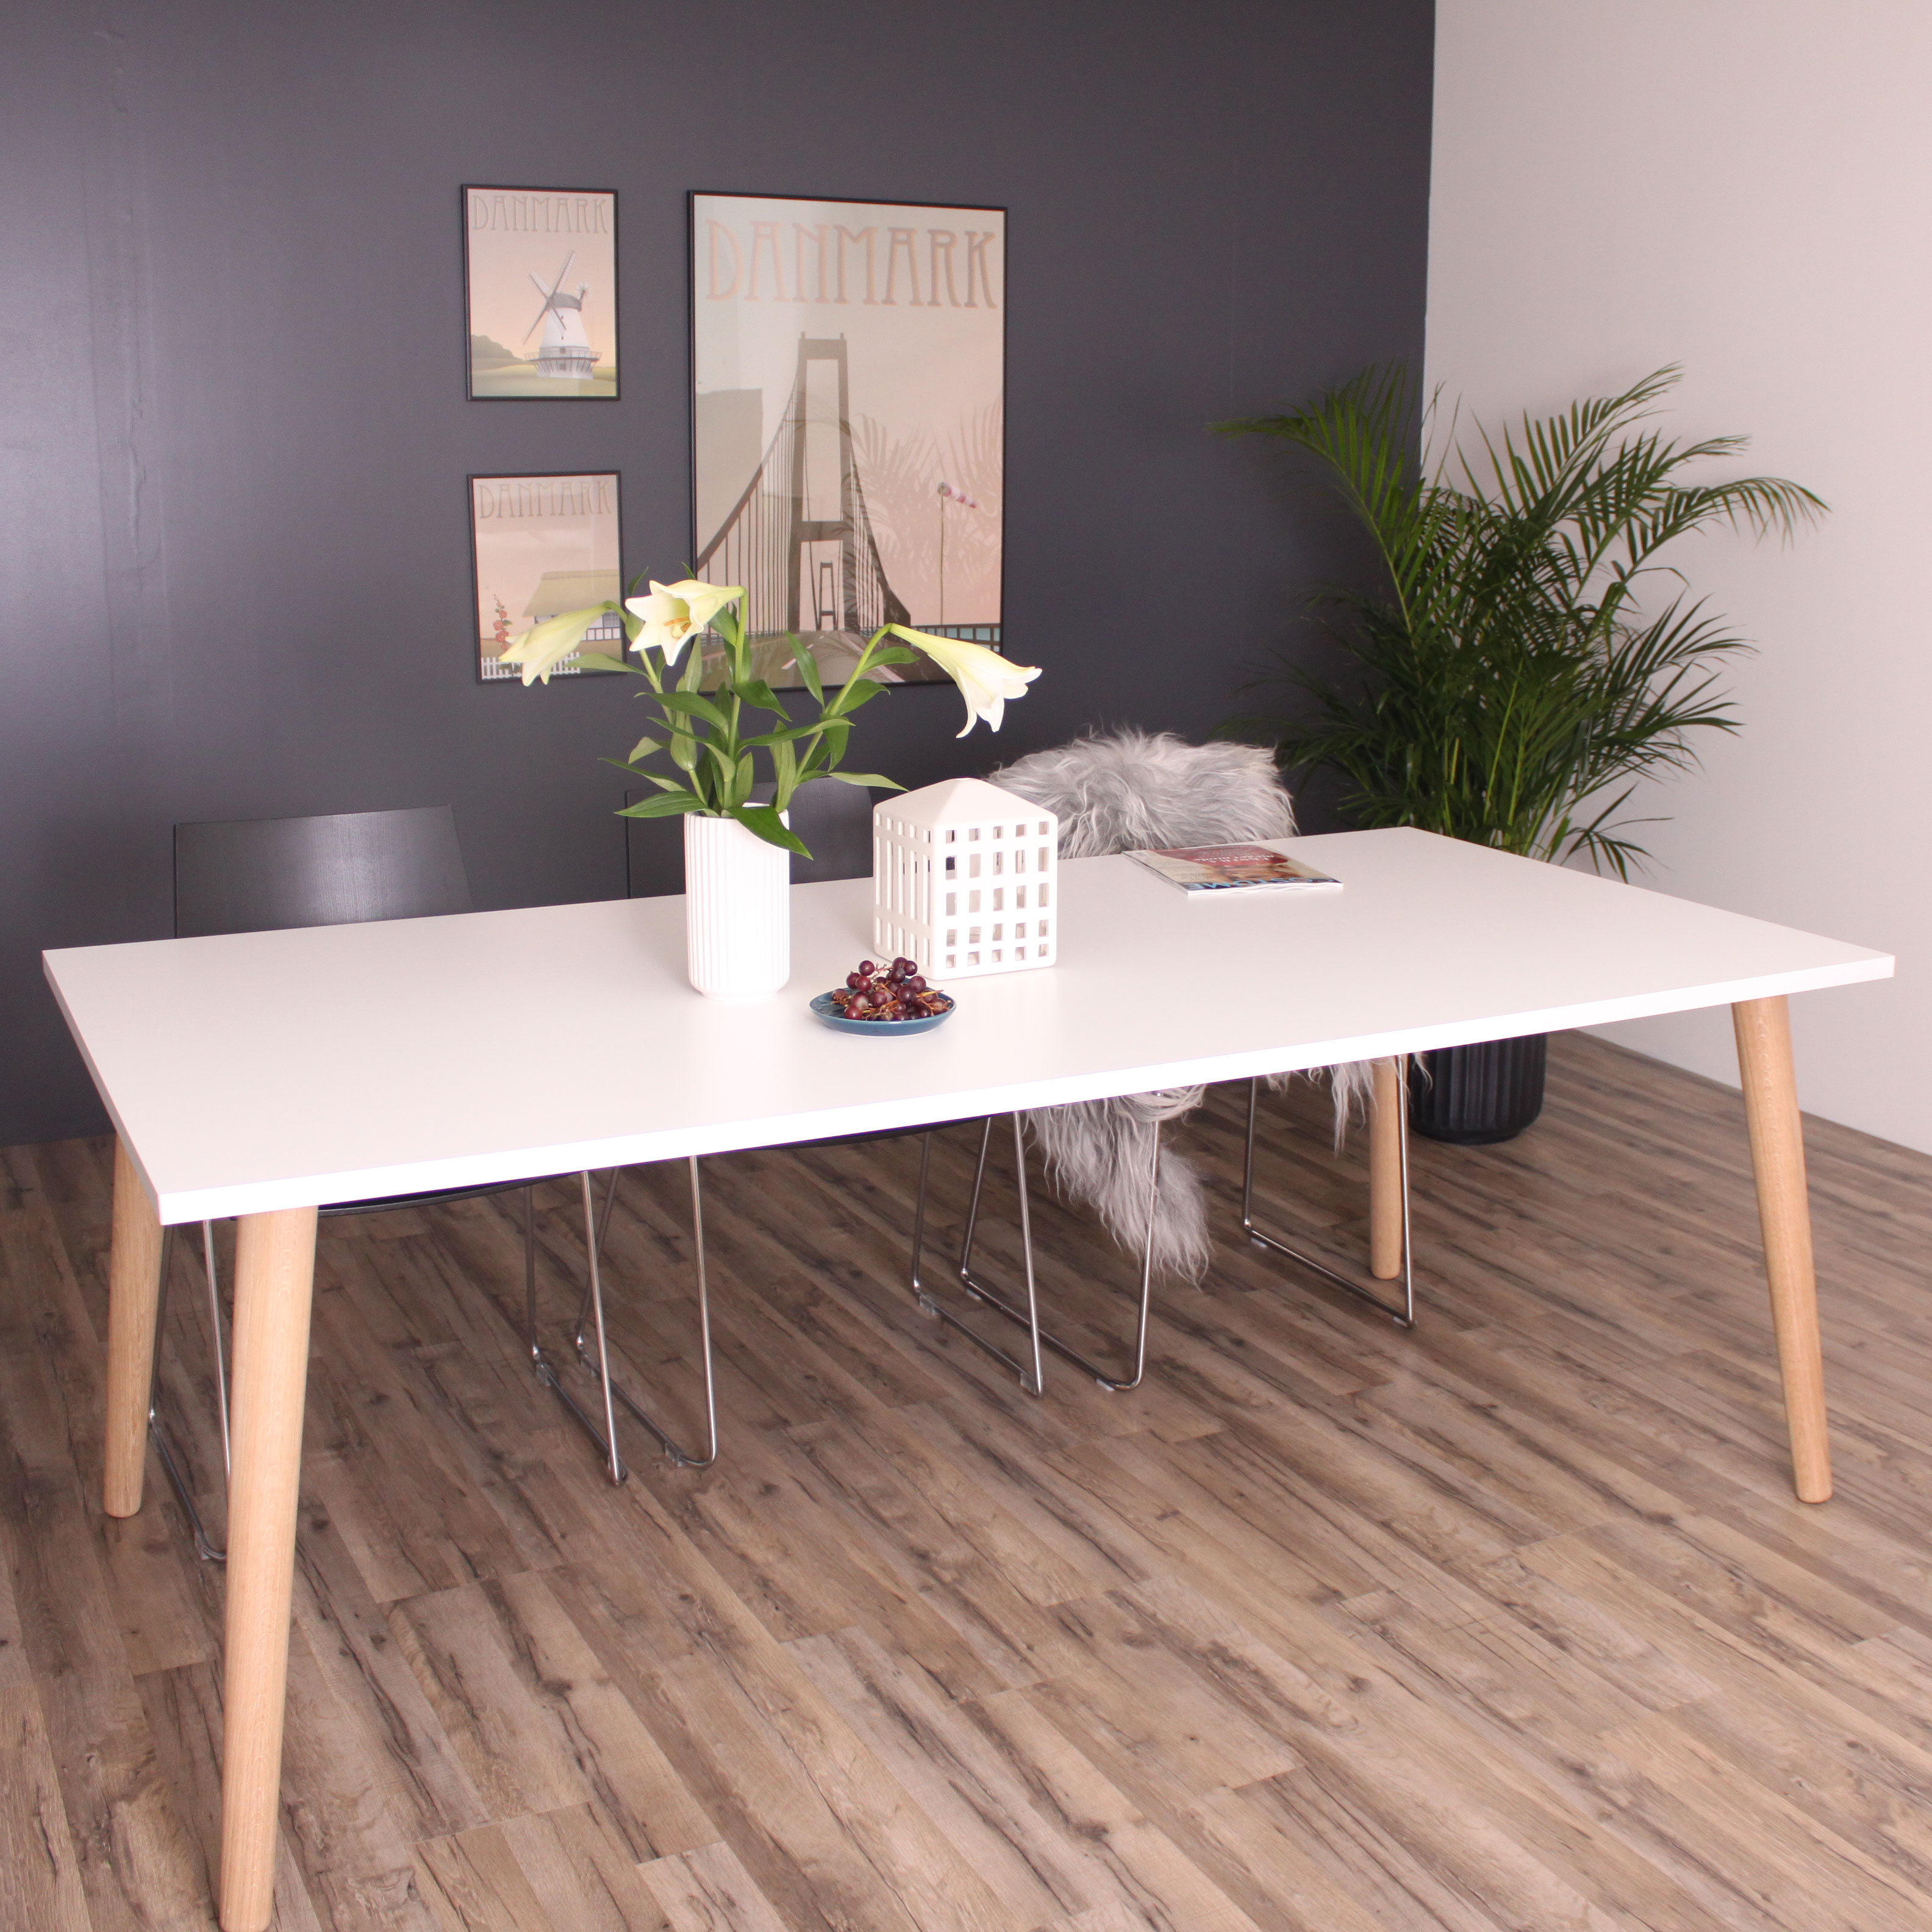 Image of   Spisebord, Sandefjord, hvid laminat